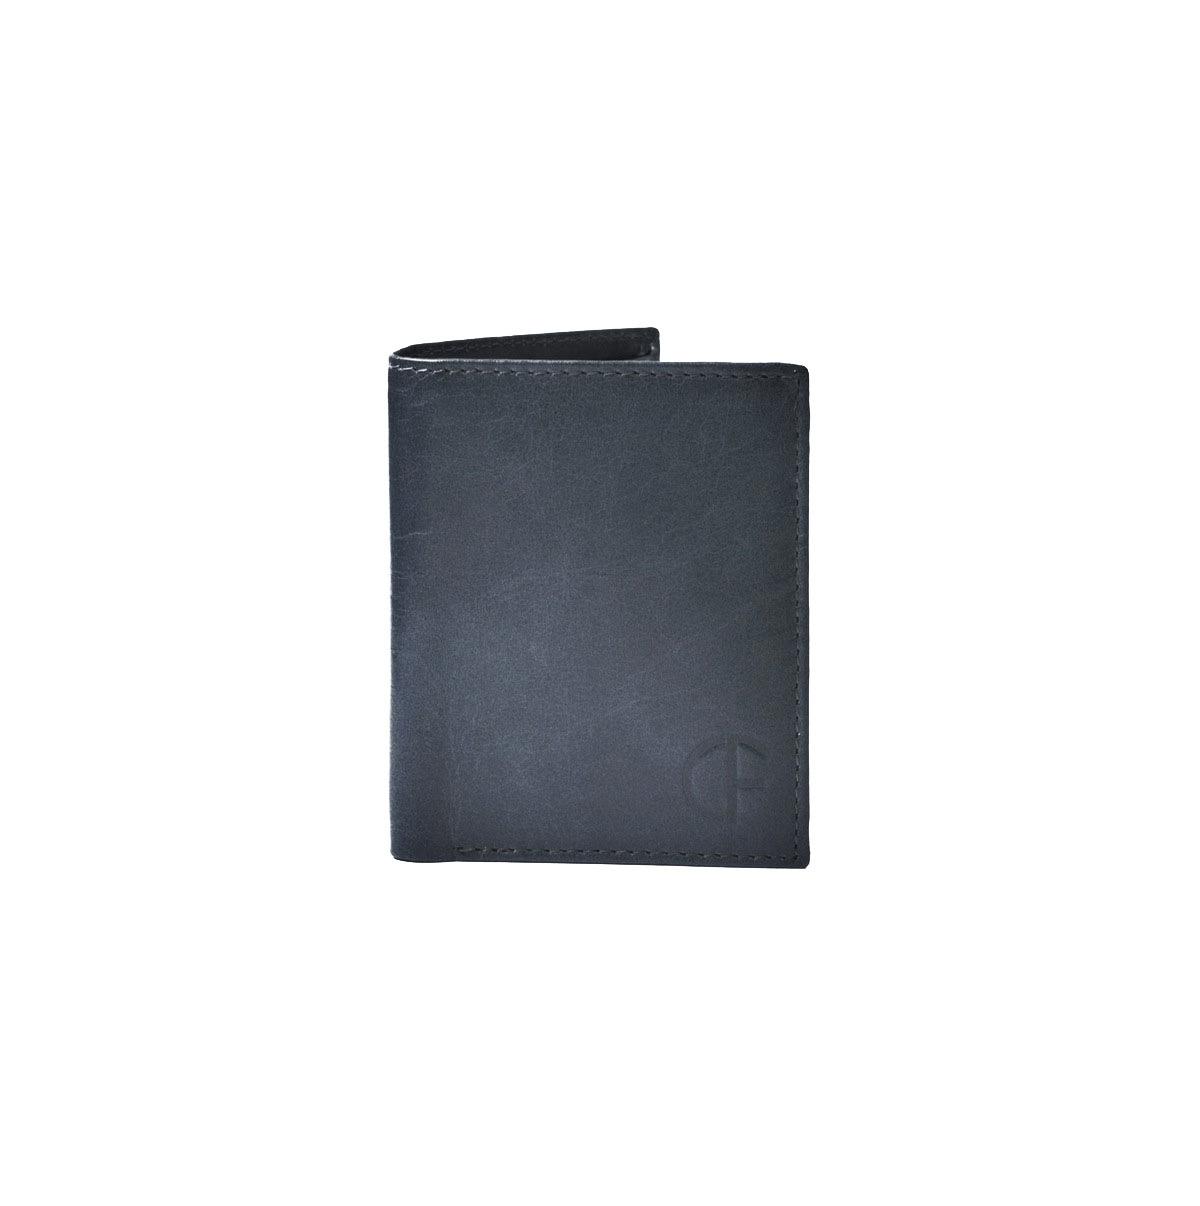 Image of Thomas Mens Wallet